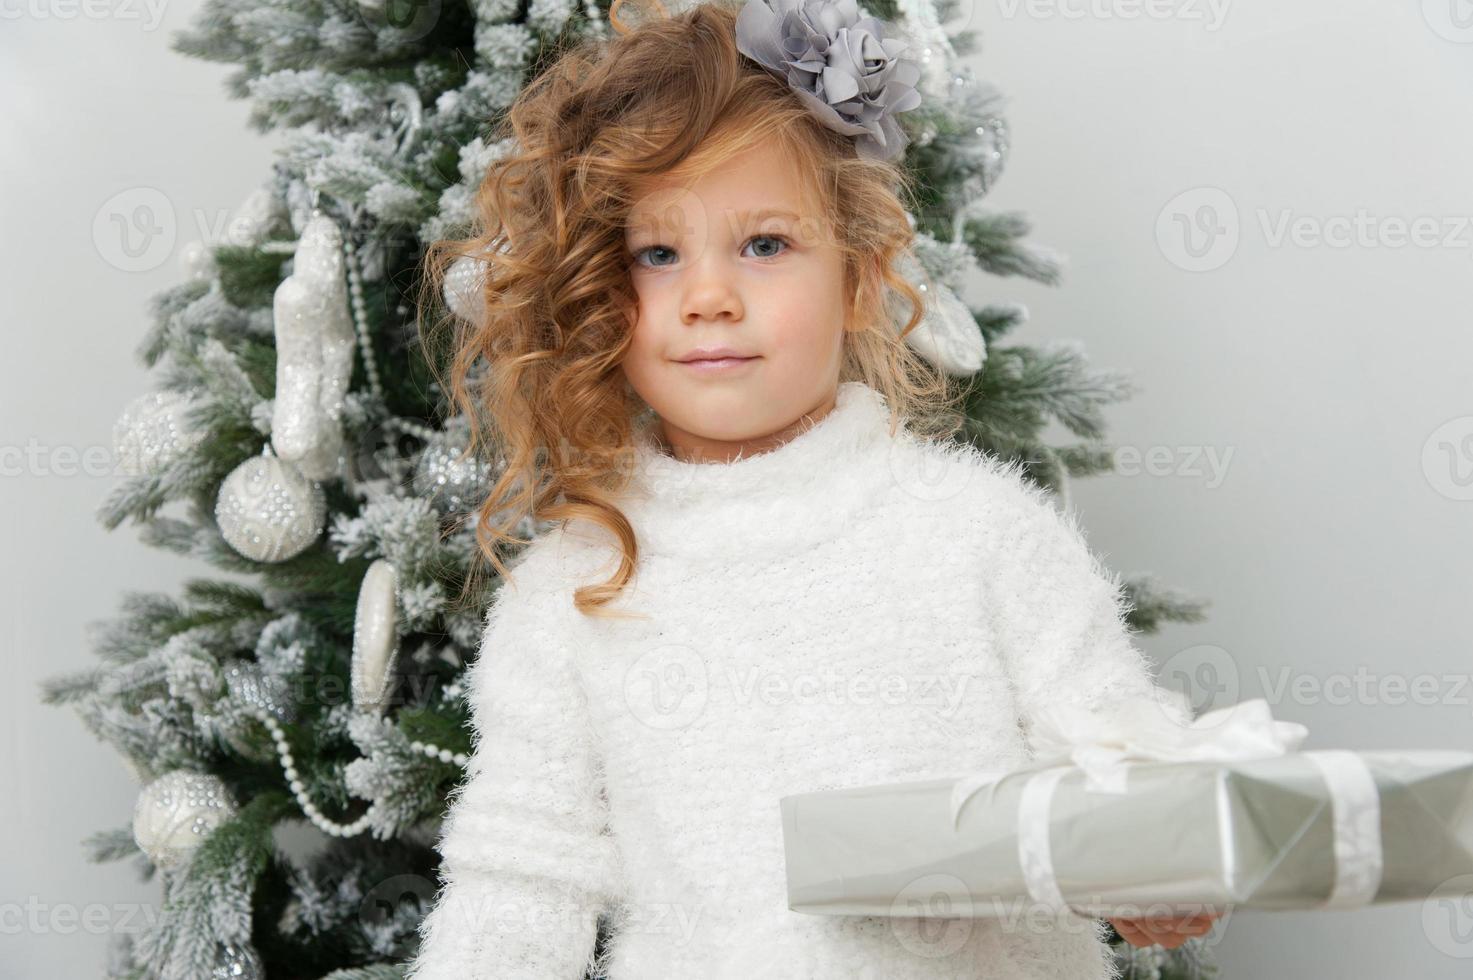 criança linda garota com um presente perto da árvore de natal foto